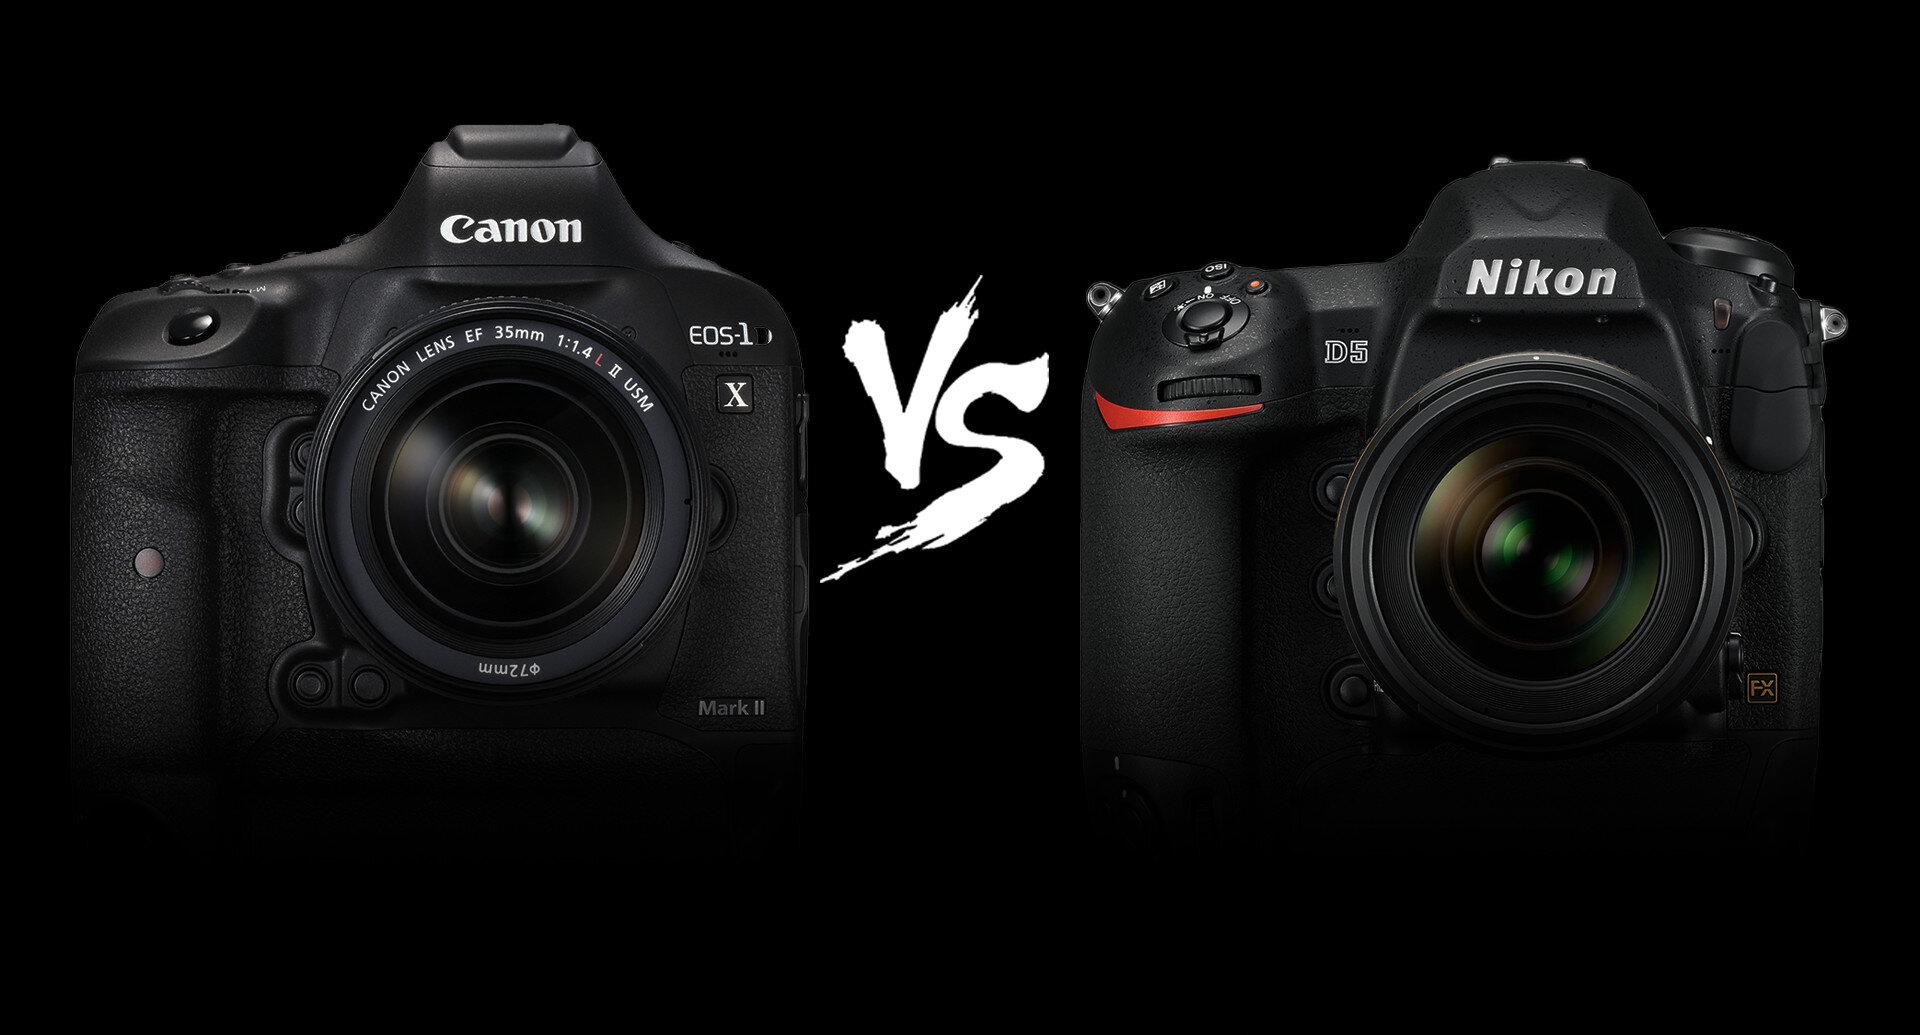 Máy ảnh Canon và Nikon đều có những ưu nhược điểm riêng